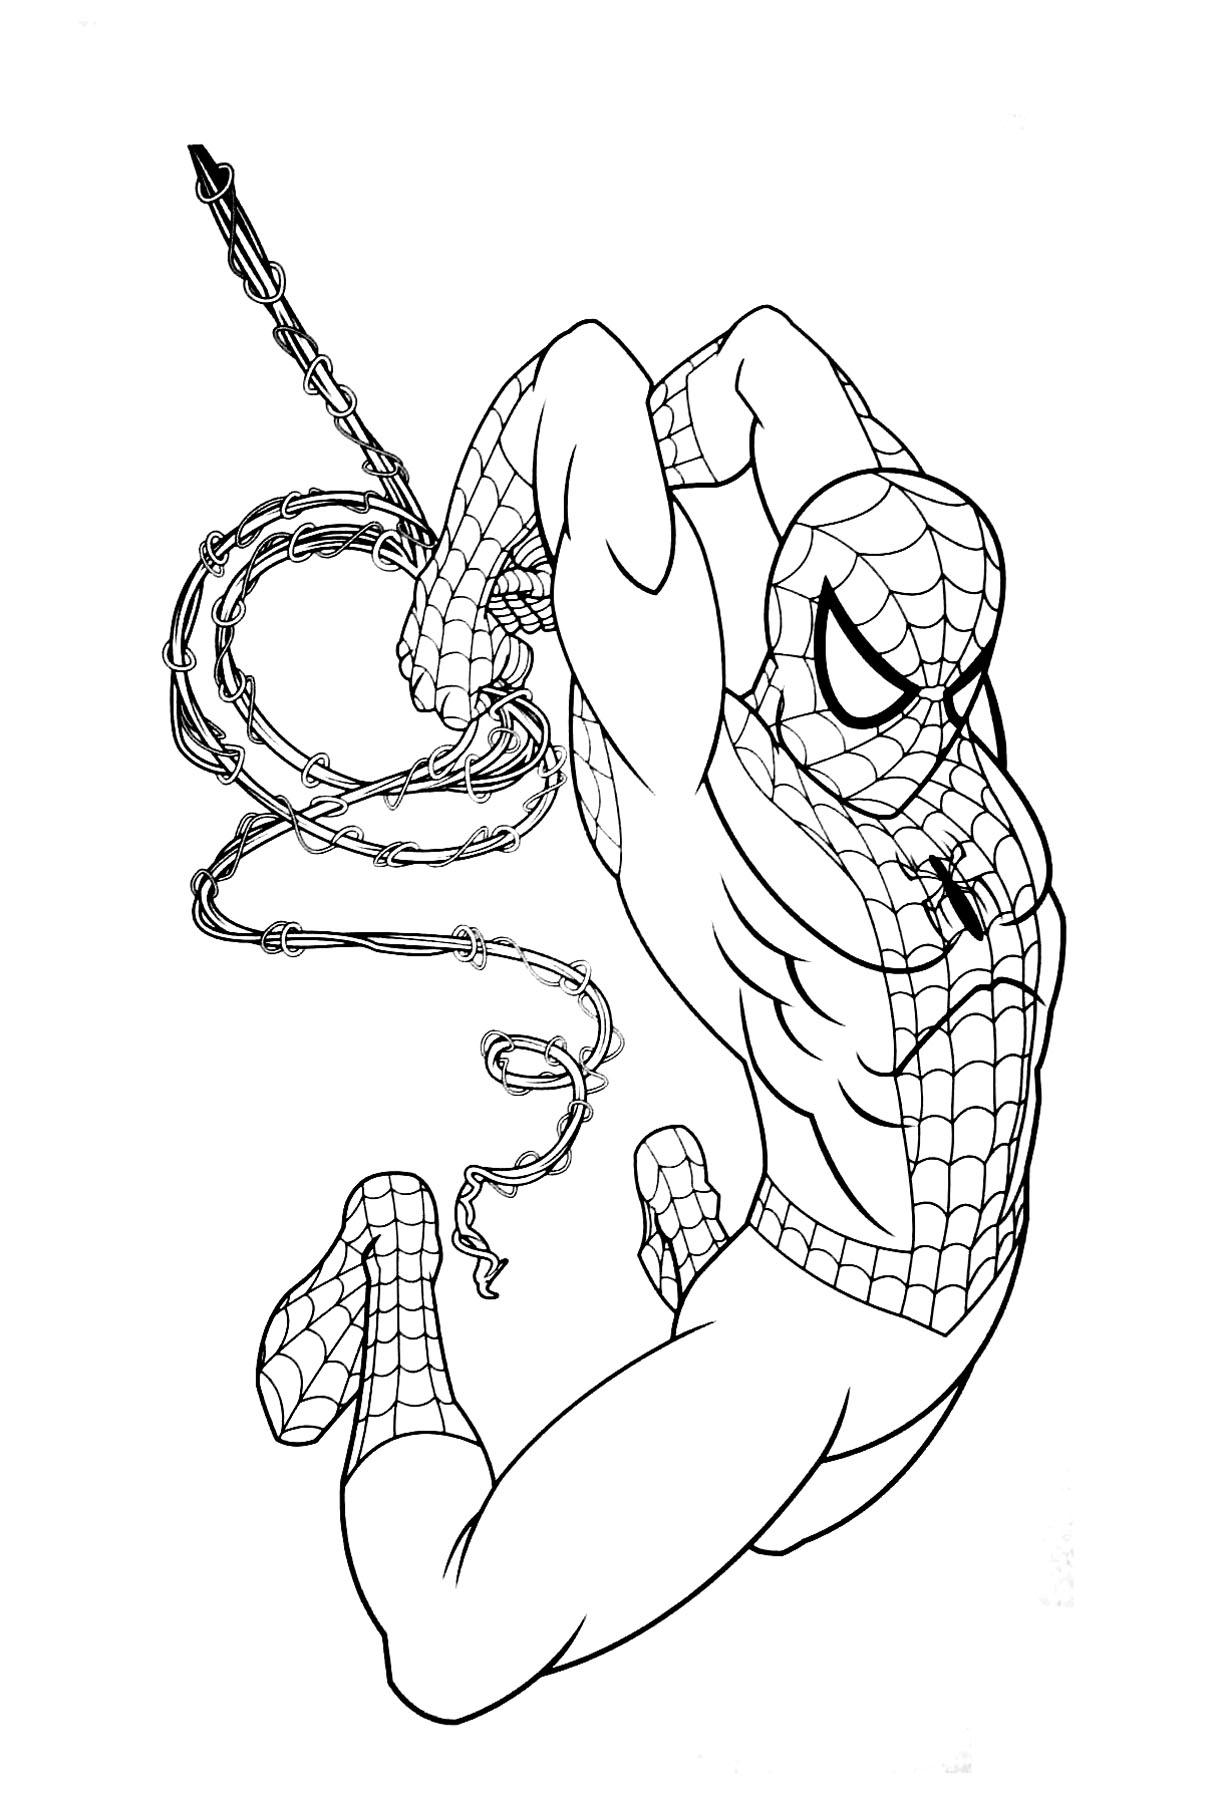 167 dibujos de Spiderman para colorear